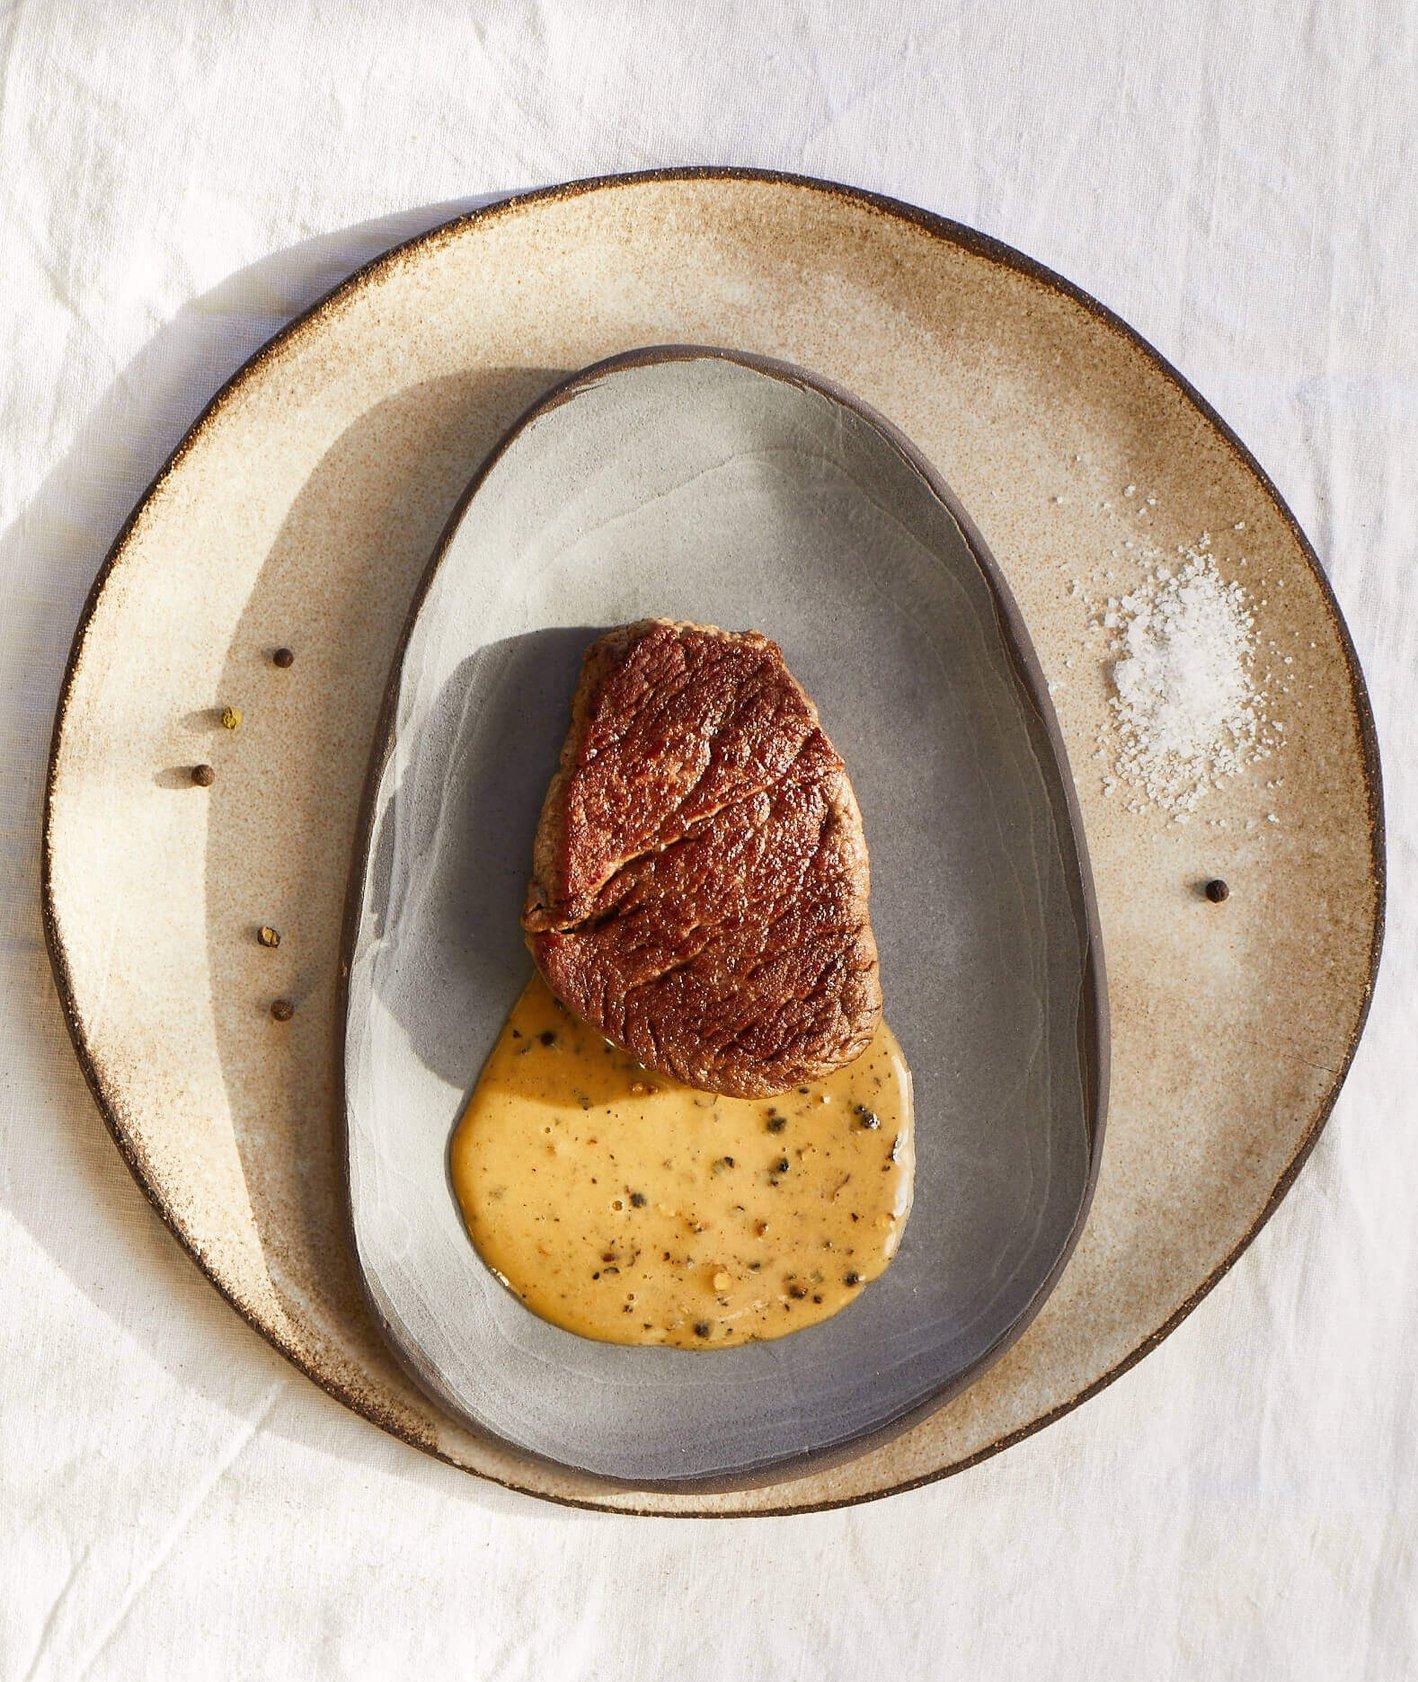 stek z sosem pieprzowym, stek z sosem, idealny stek, jak zrobić idealny stek, czerwone mięso, sos pieprzowy, sos do mięsa